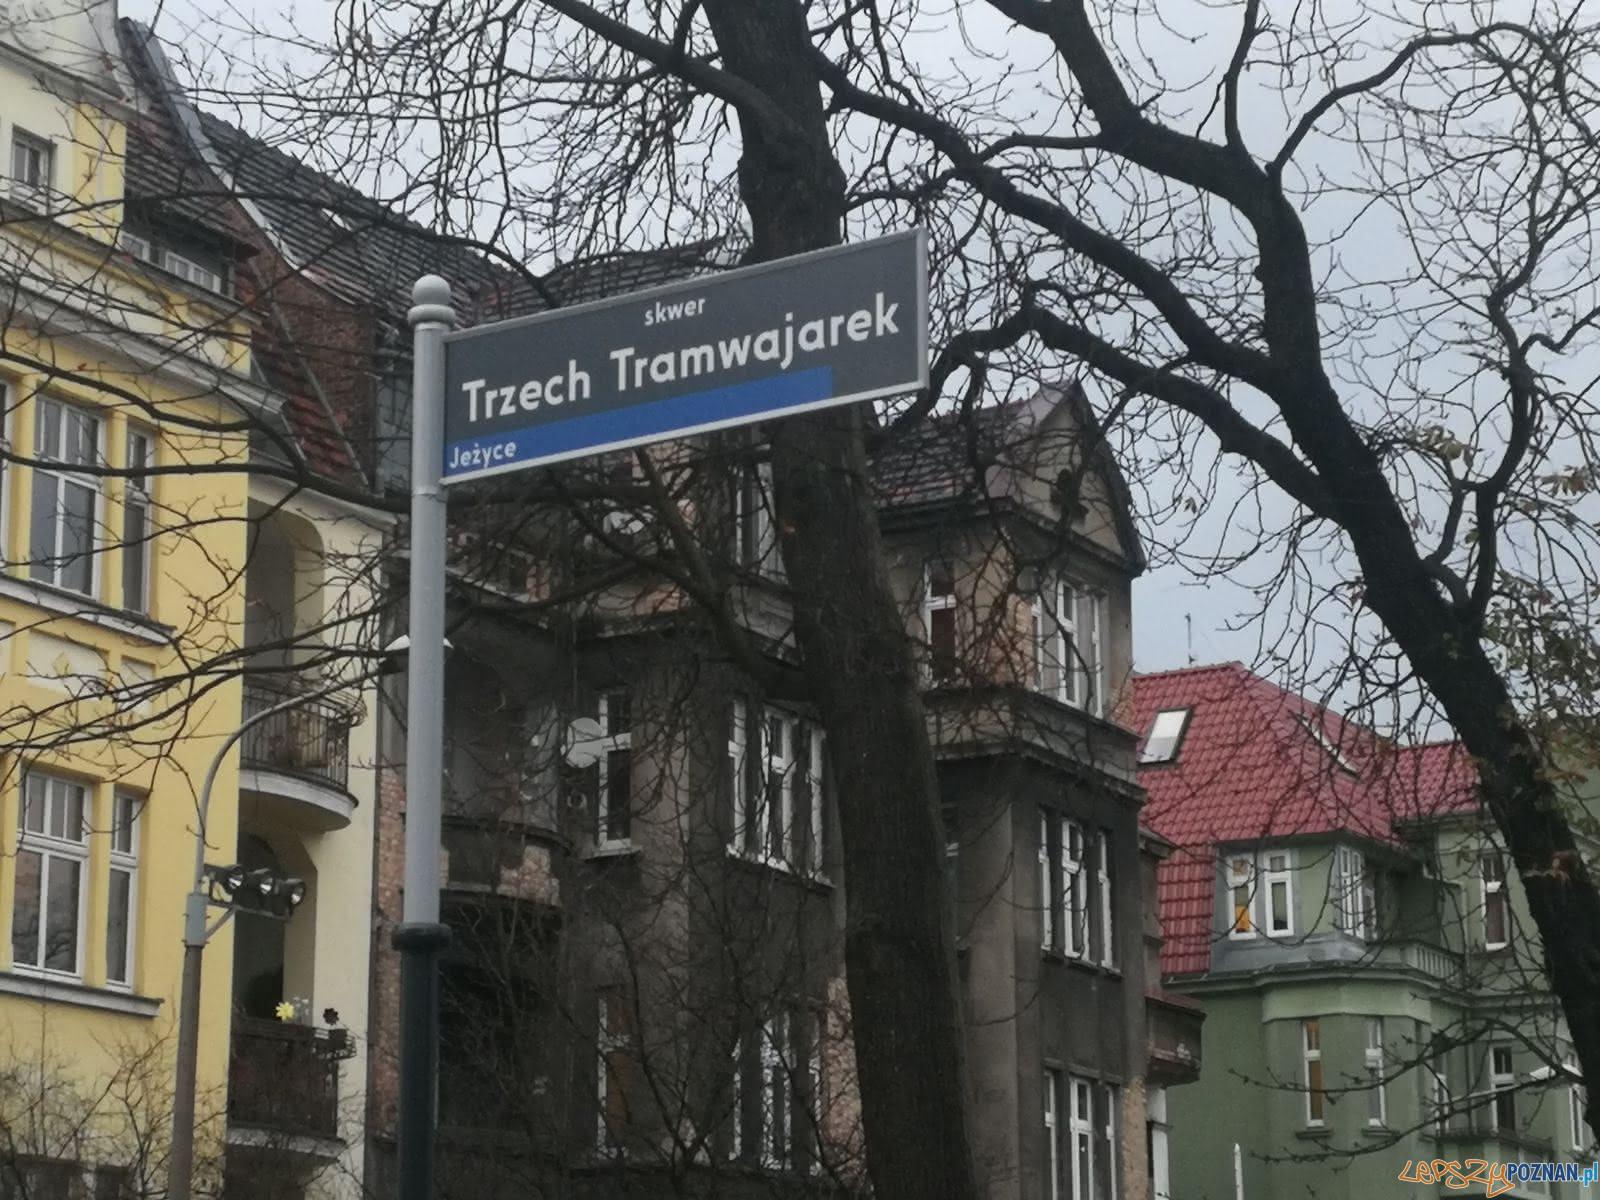 """Skwer Tramwajarek  Foto: Justyna """"justisza"""" Szadkowska."""